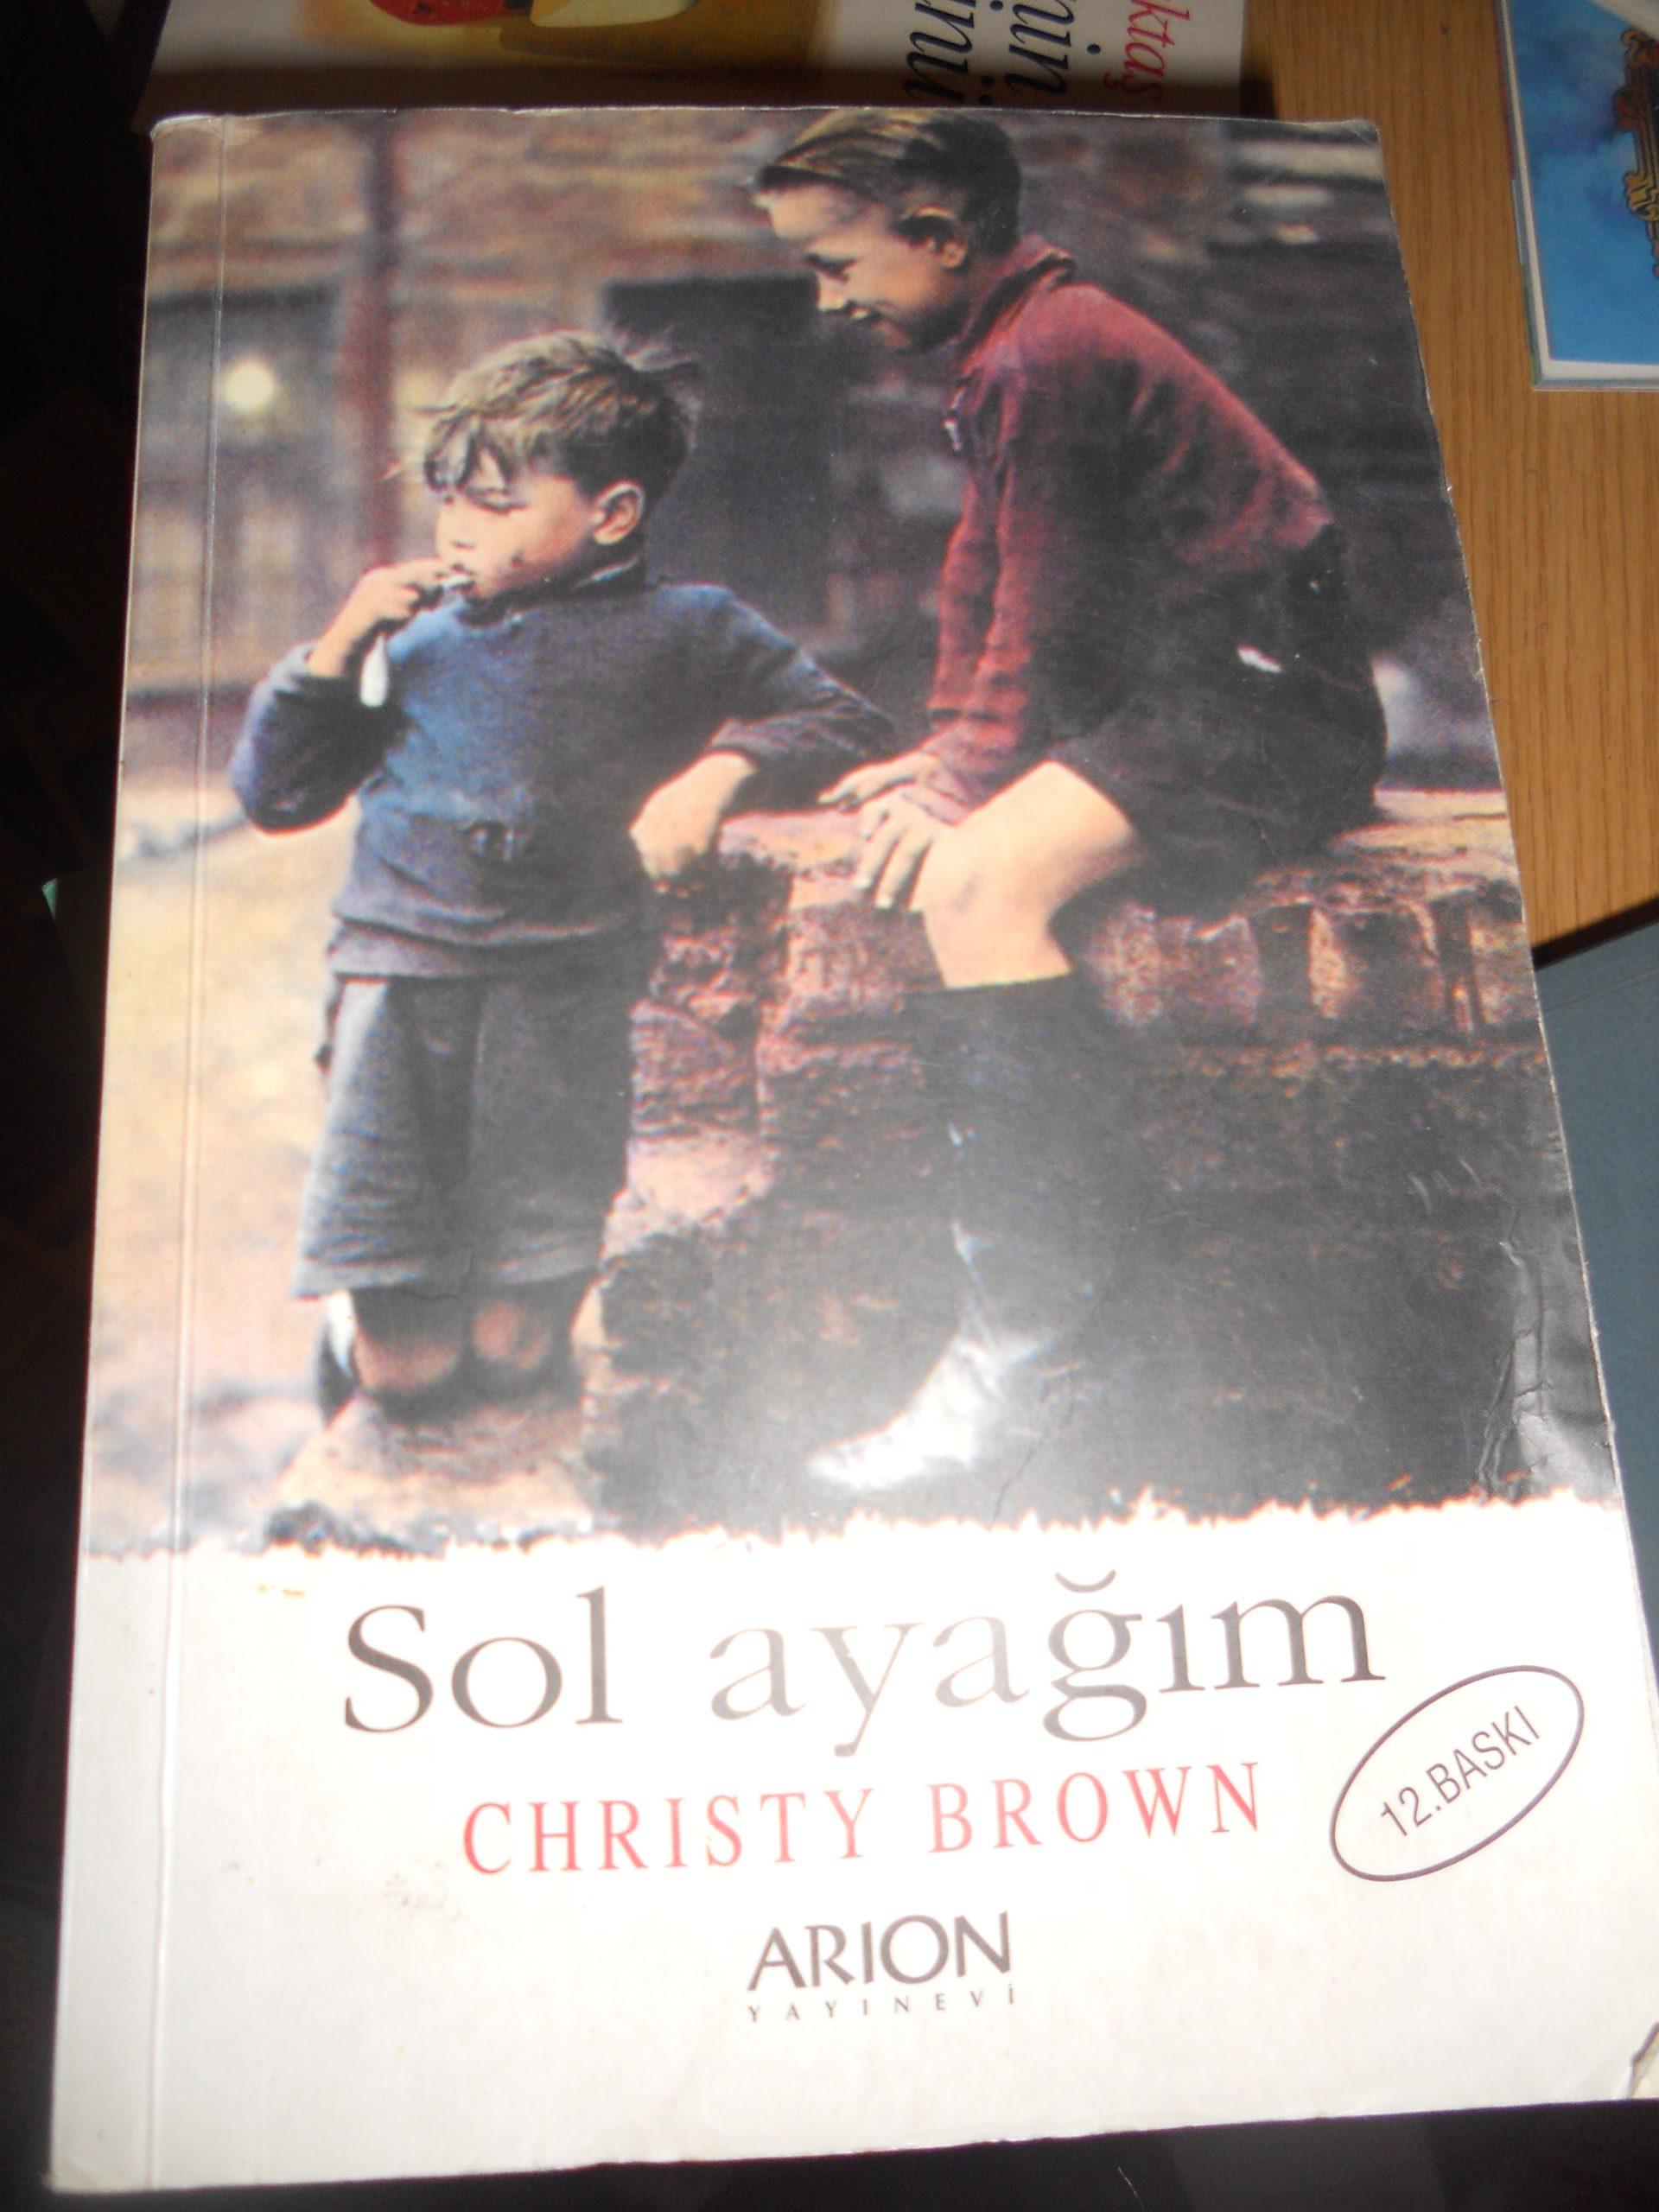 SOL AYAĞIM /Chrısty BROWN/ 10 tl